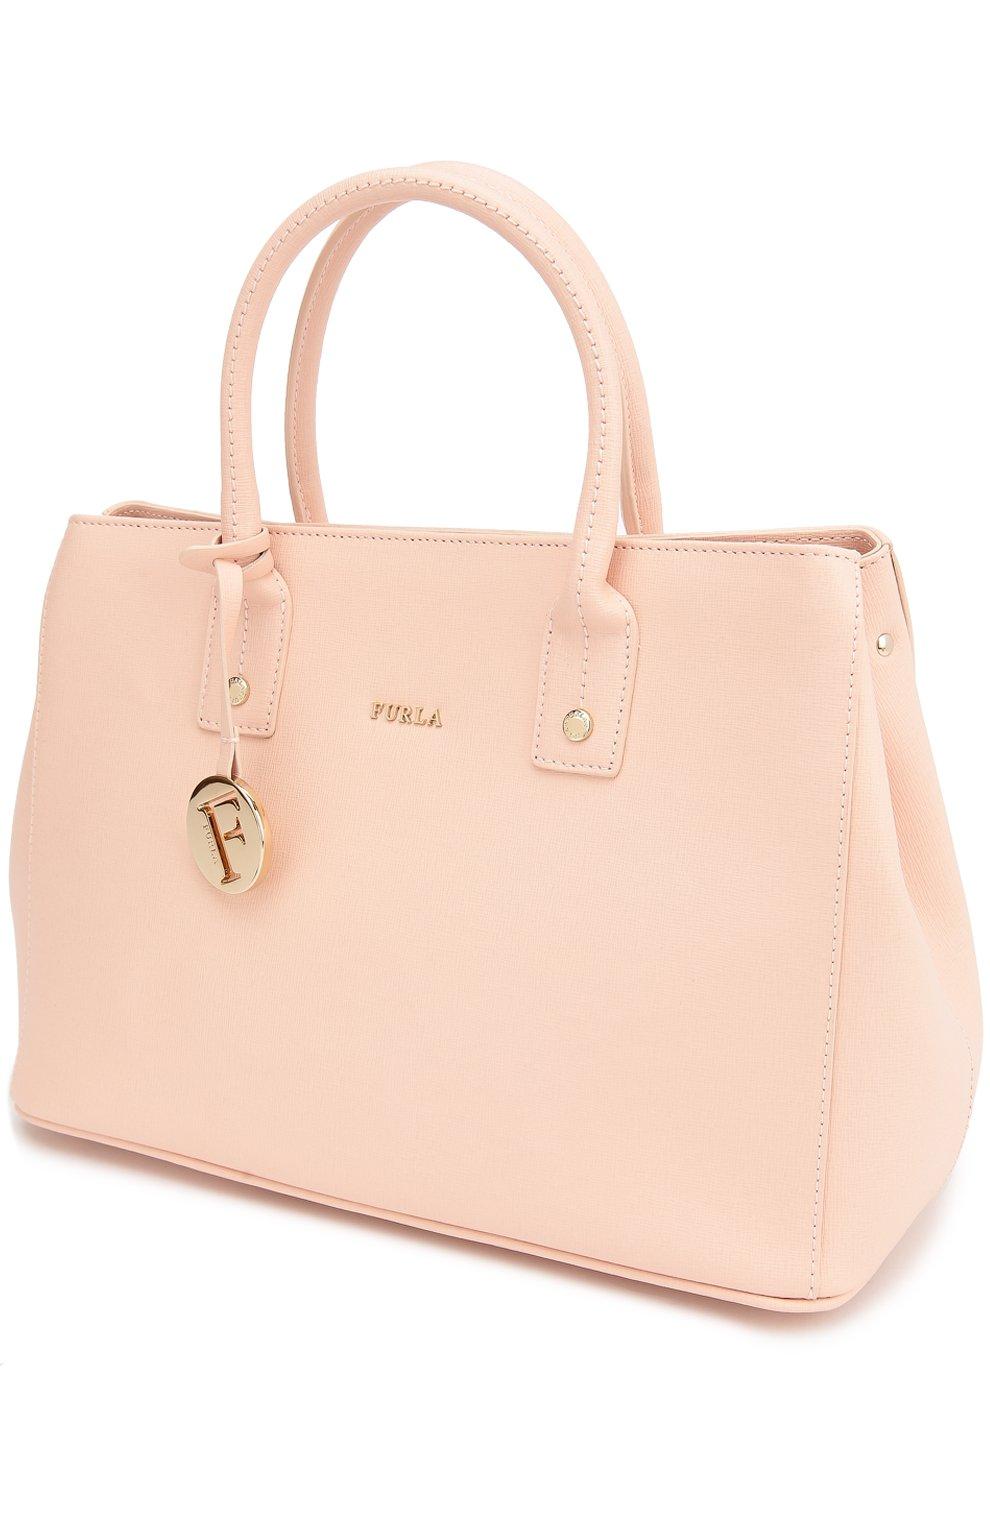 6310d45a9fec Женская сумка linda из сафьяновой кожи FURLA светло-розовая цвета ...